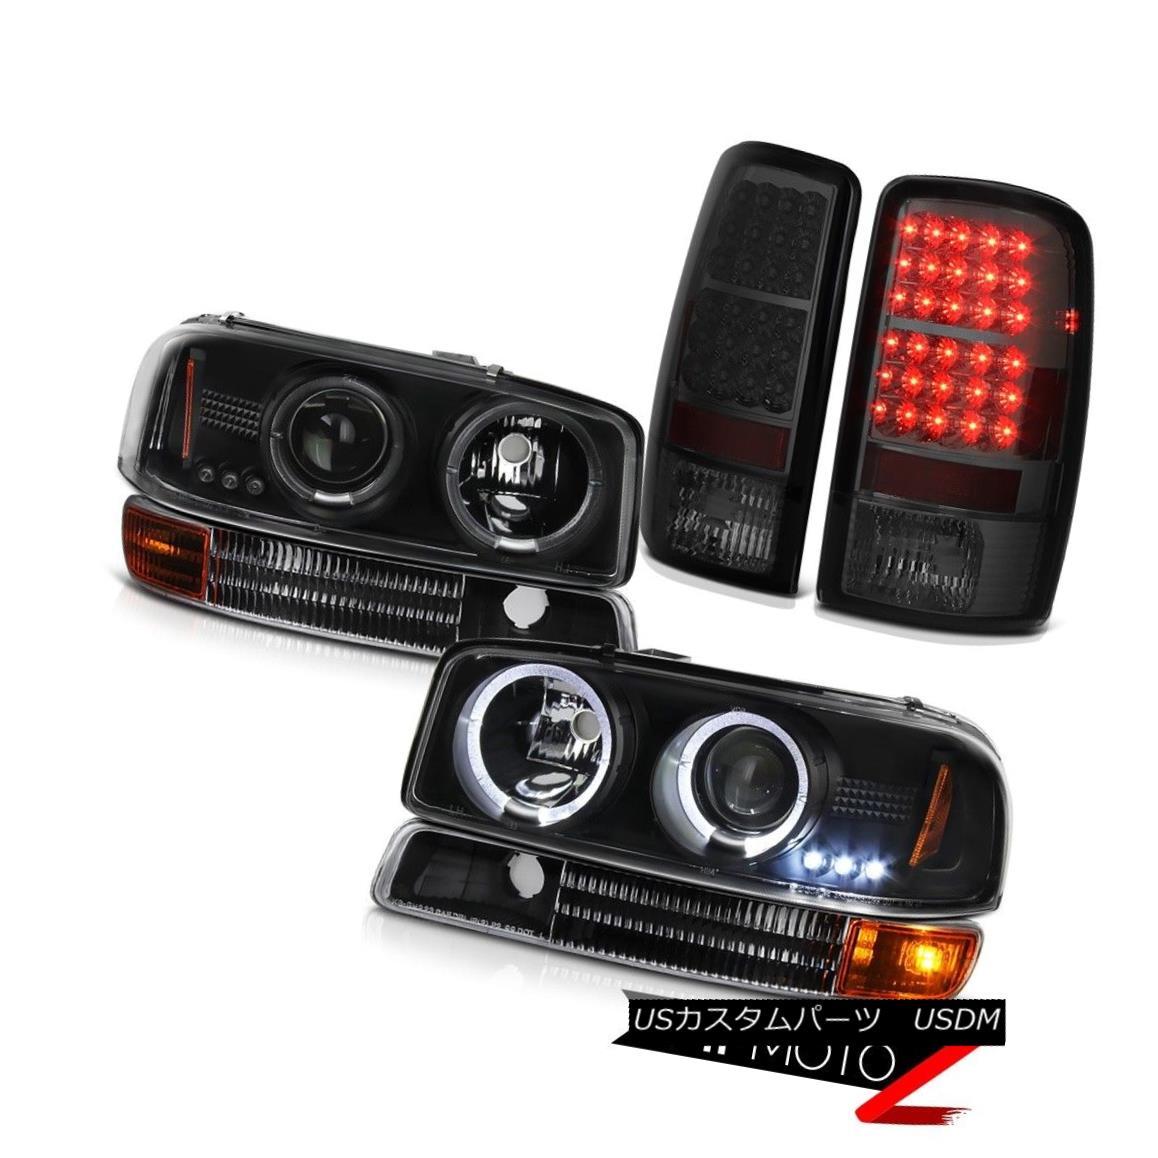 ヘッドライト 01 02 03 04 05 06 Yukon LED DRL Halo Headlight Parking Signal Bumper Tail Lights 01 02 03 04 05 06ユーコンLED DRLハローヘッドライトパーキング信号バンパーテールライト